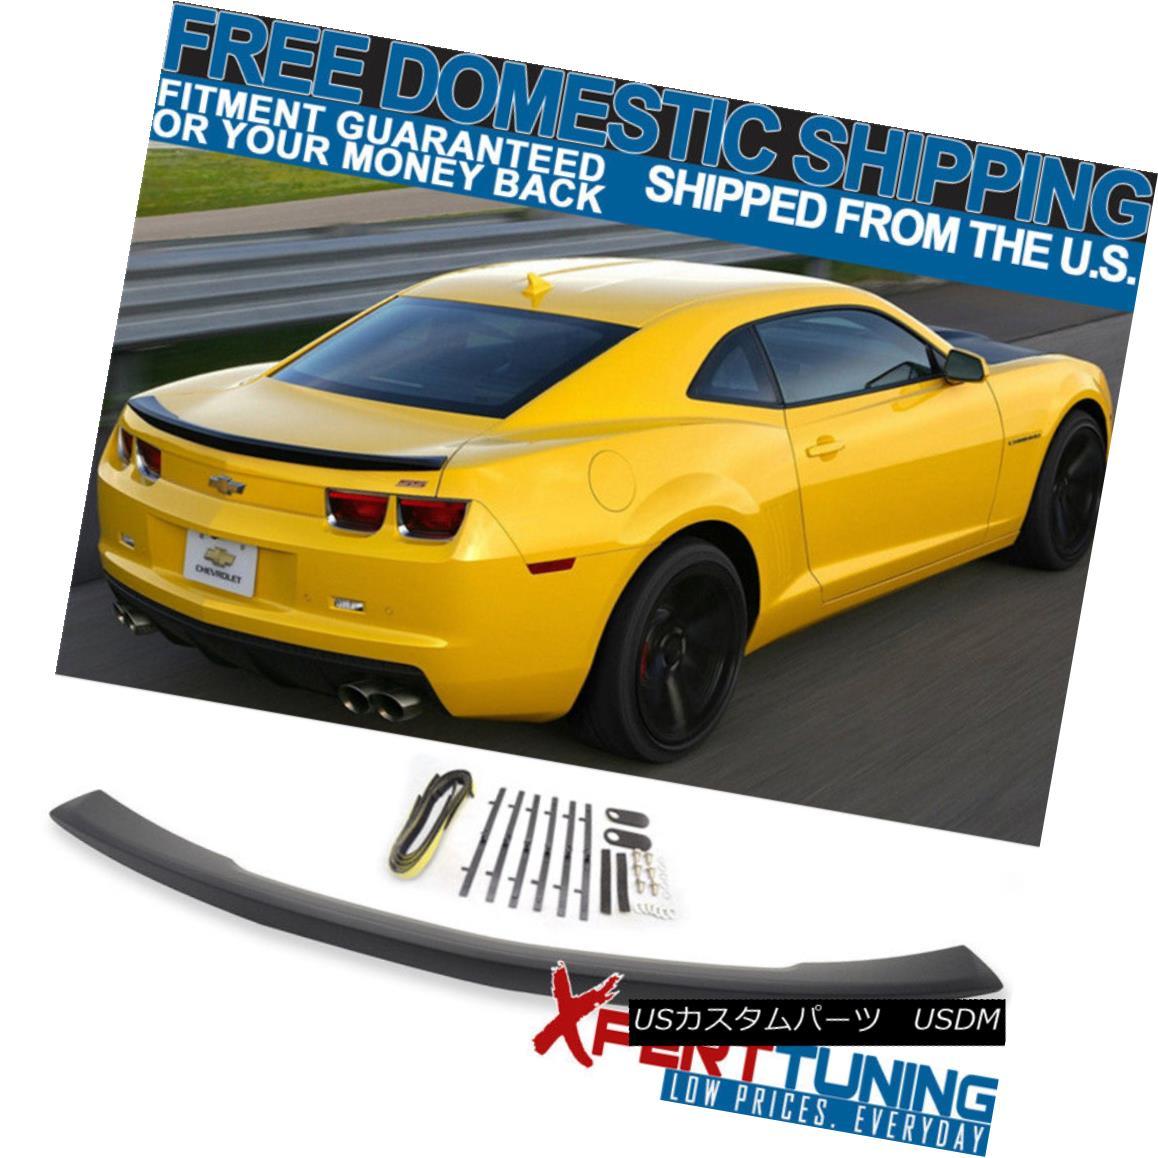 エアロパーツ Fits 10-13 Chevy Camaro Flush Mount OE Factory Style Trunk Spoiler Wing フィット10-13シボレーカマロフラッシュマウントOE工場スタイルのトランクスポイラーウィング